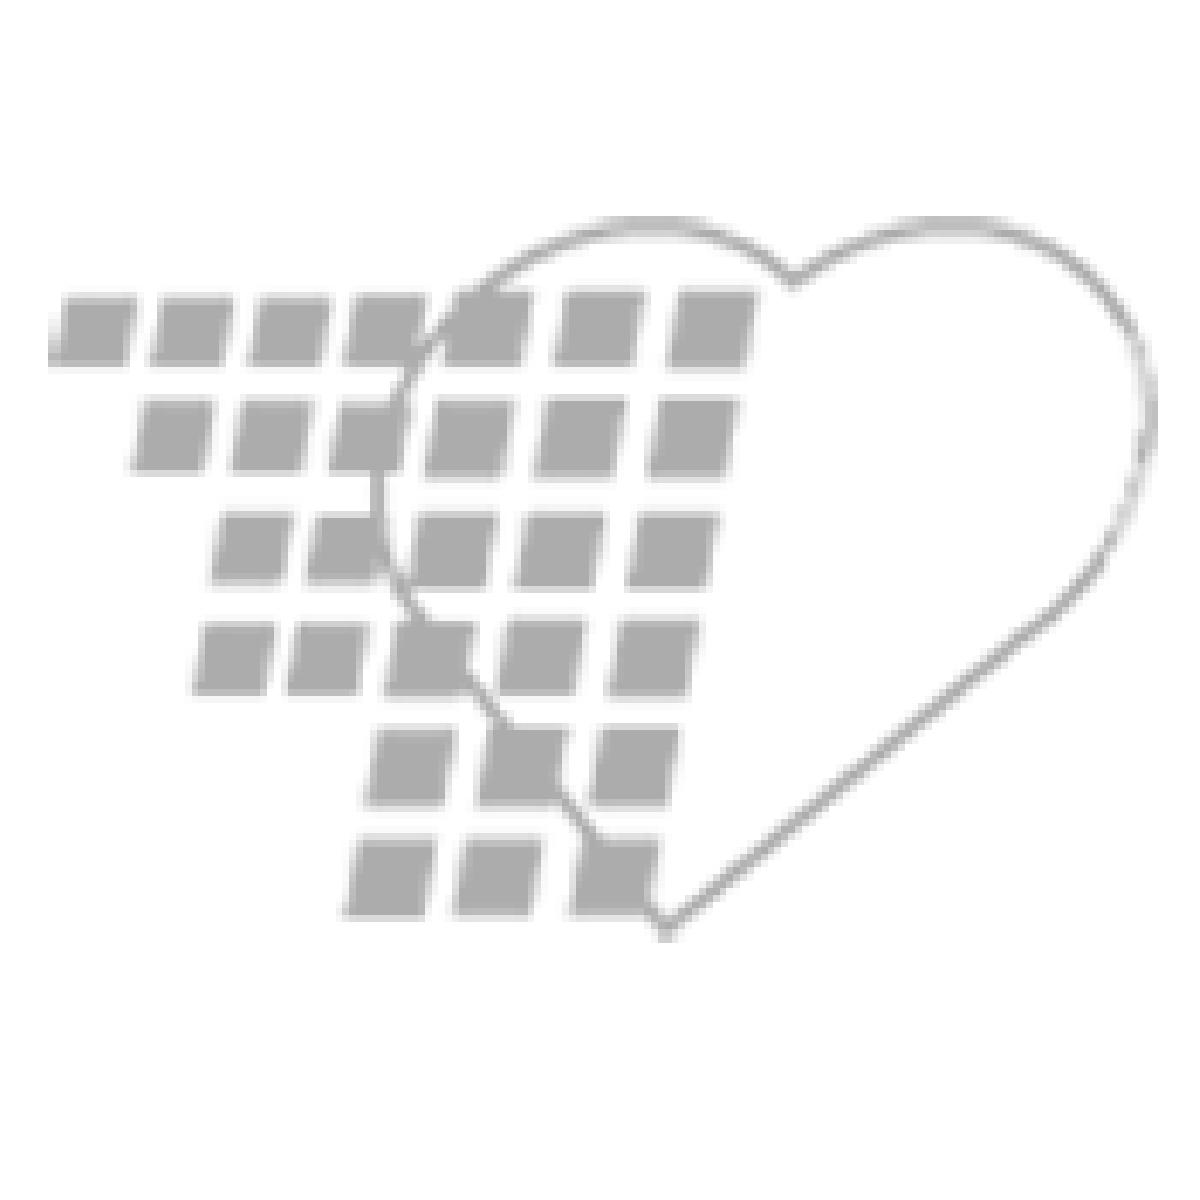 06-93-6021 - Demo Dose®  CyanoKT Kit